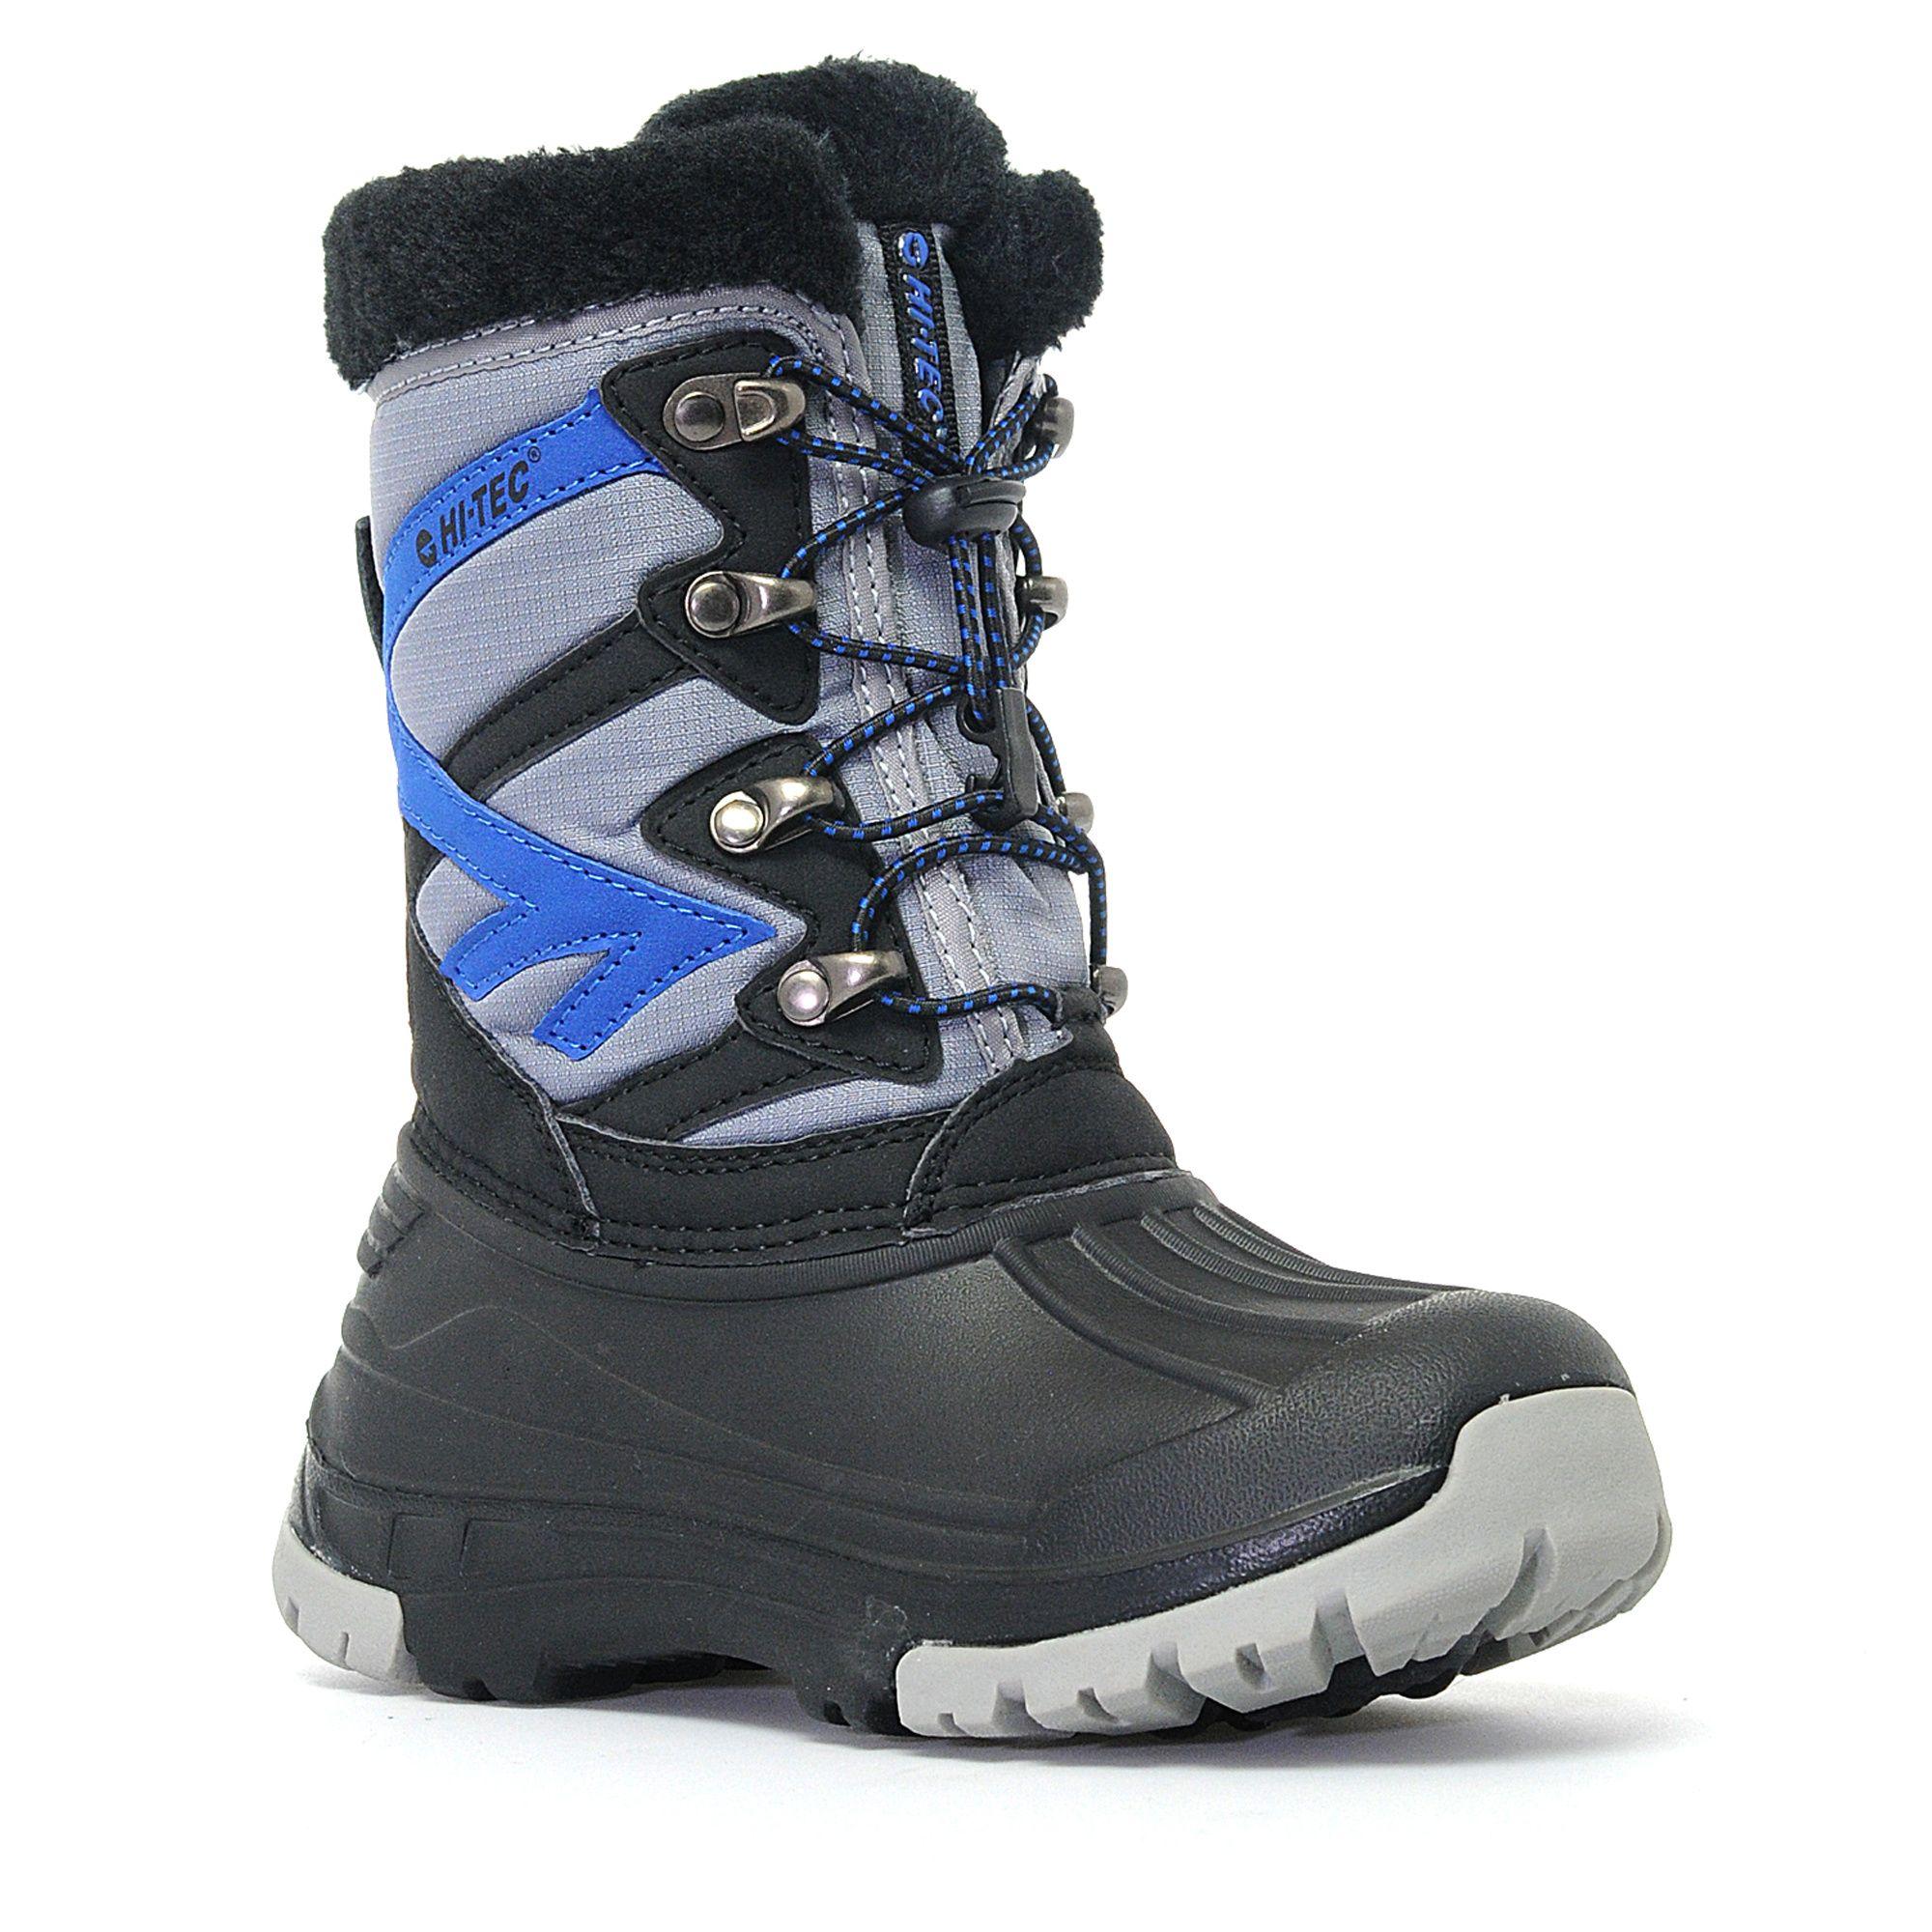 HI TEC Boys' Avalanche Junior Snow Boot